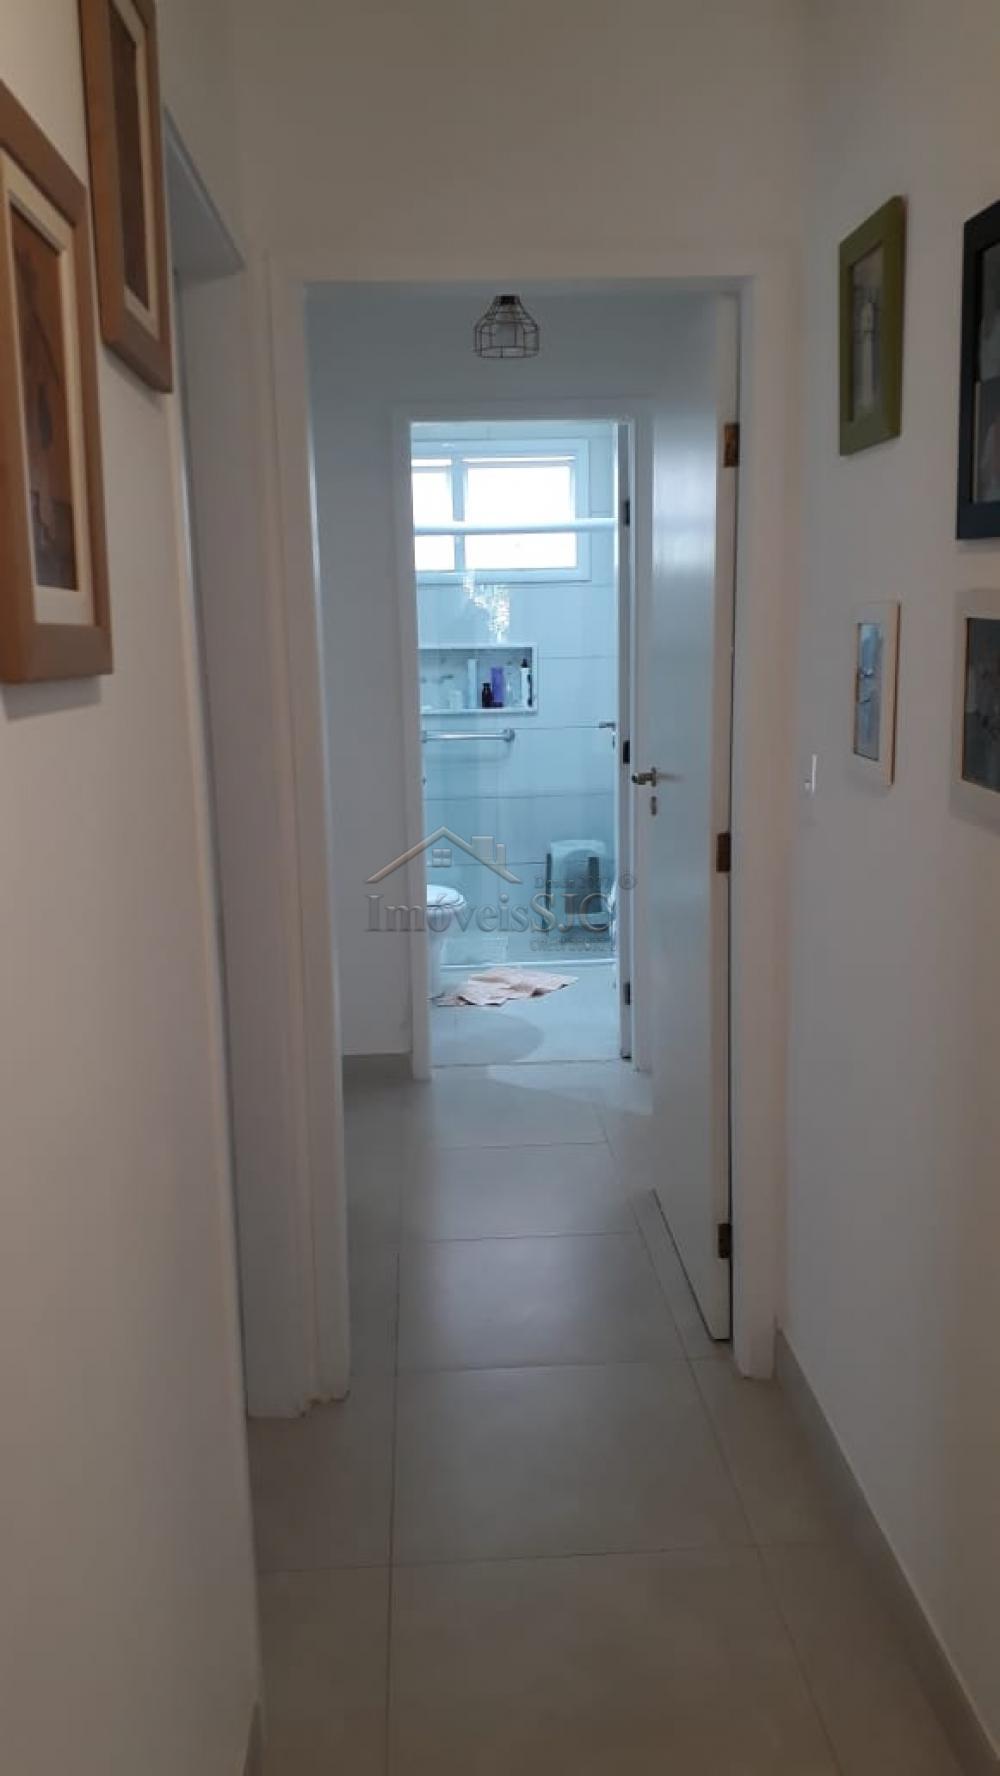 Comprar Casas / Condomínio em São José dos Campos apenas R$ 795.000,00 - Foto 14